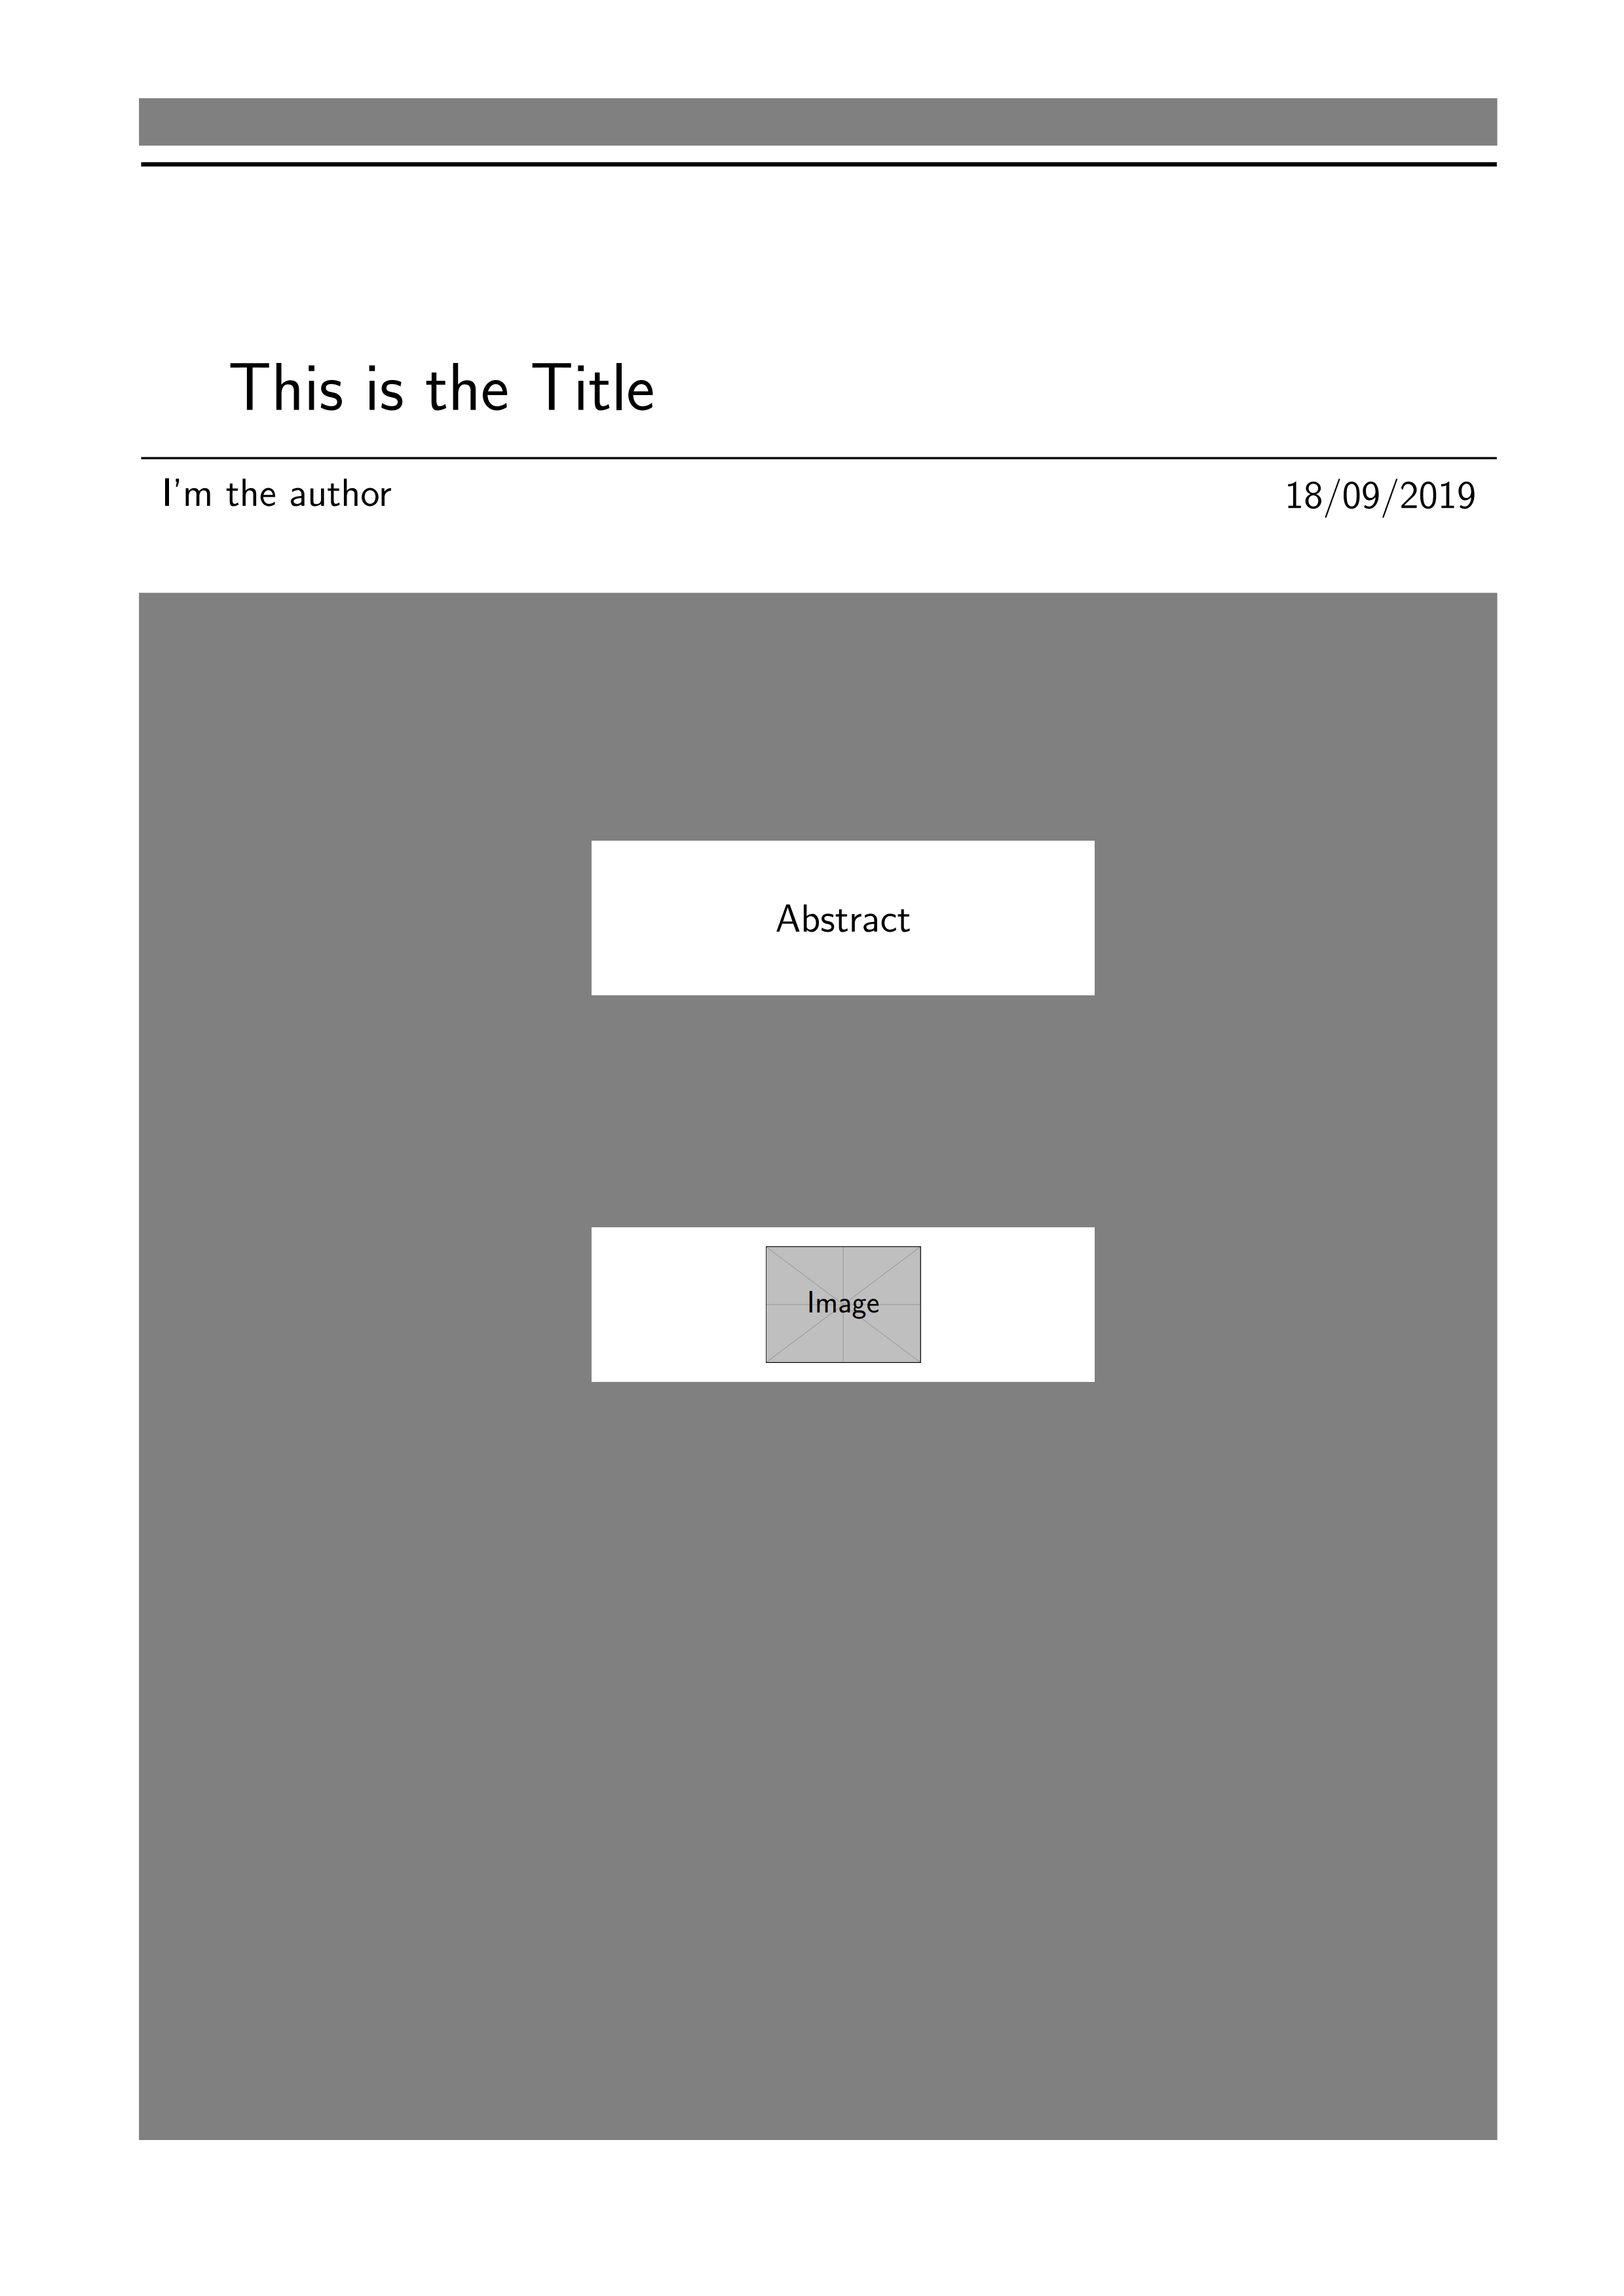 一个用 TiKZ 制作的灰色封面